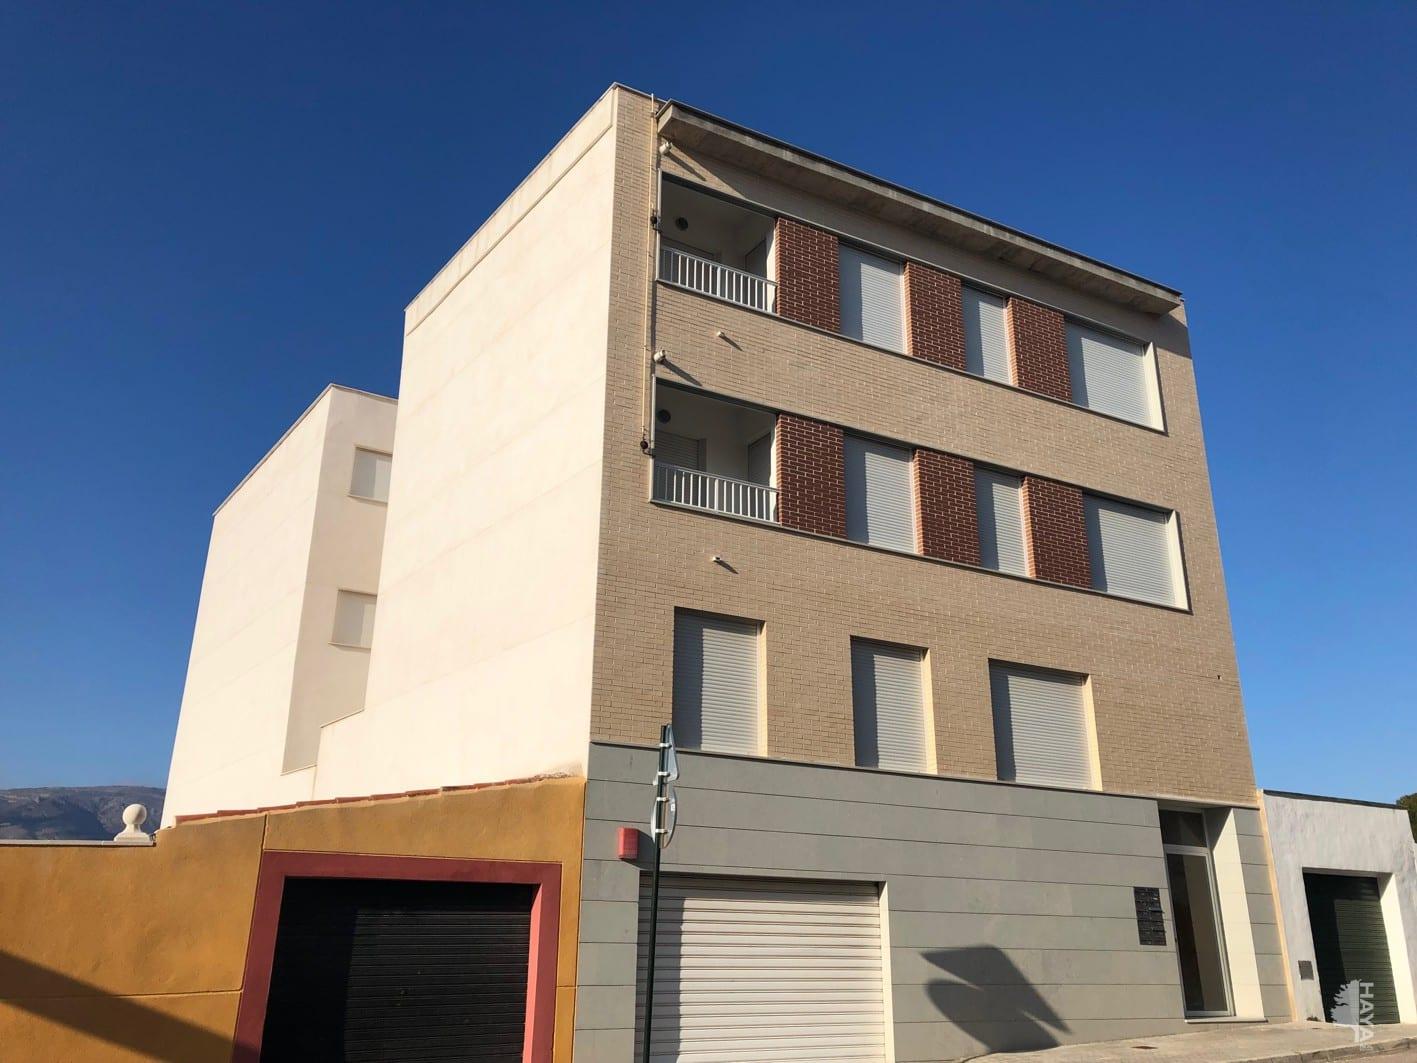 Piso en venta en Viaducte, Alcoy/alcoi, Alicante, Calle Sant Joan de Ribera, 73.000 €, 2 habitaciones, 1 baño, 71 m2